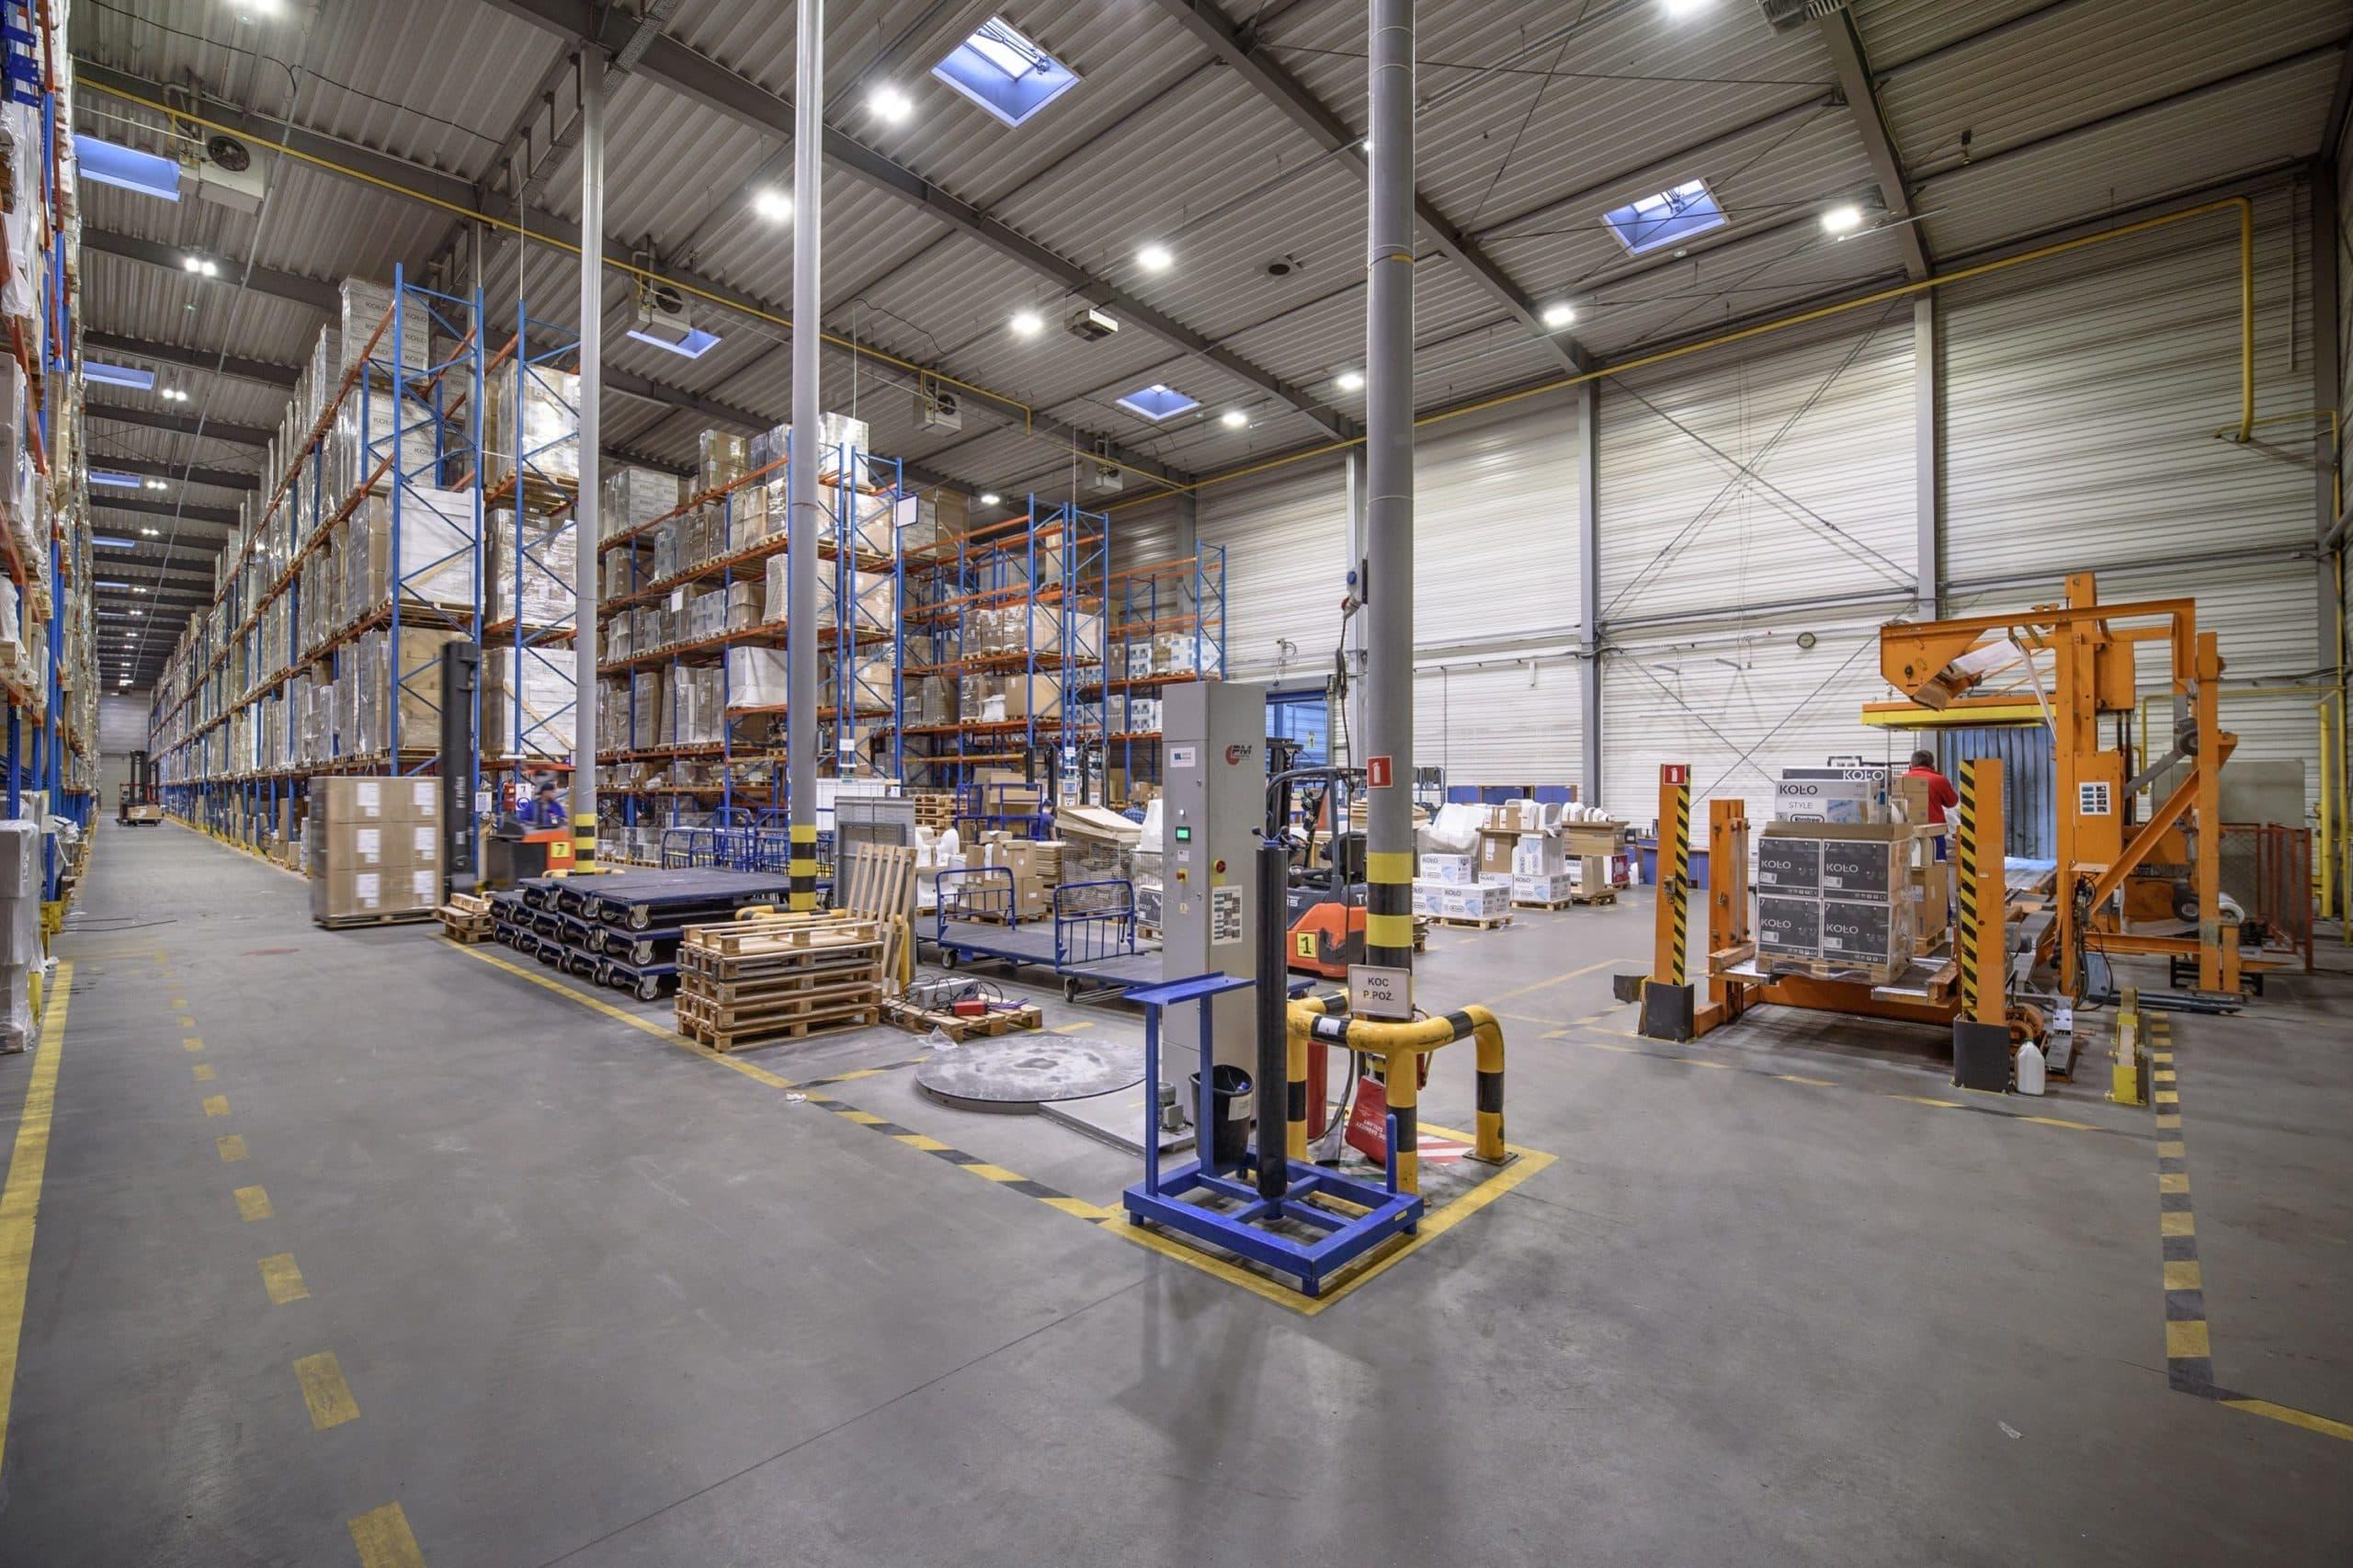 magazyn firmy Geberit po modernizacji oświetlenia - Luxon LED